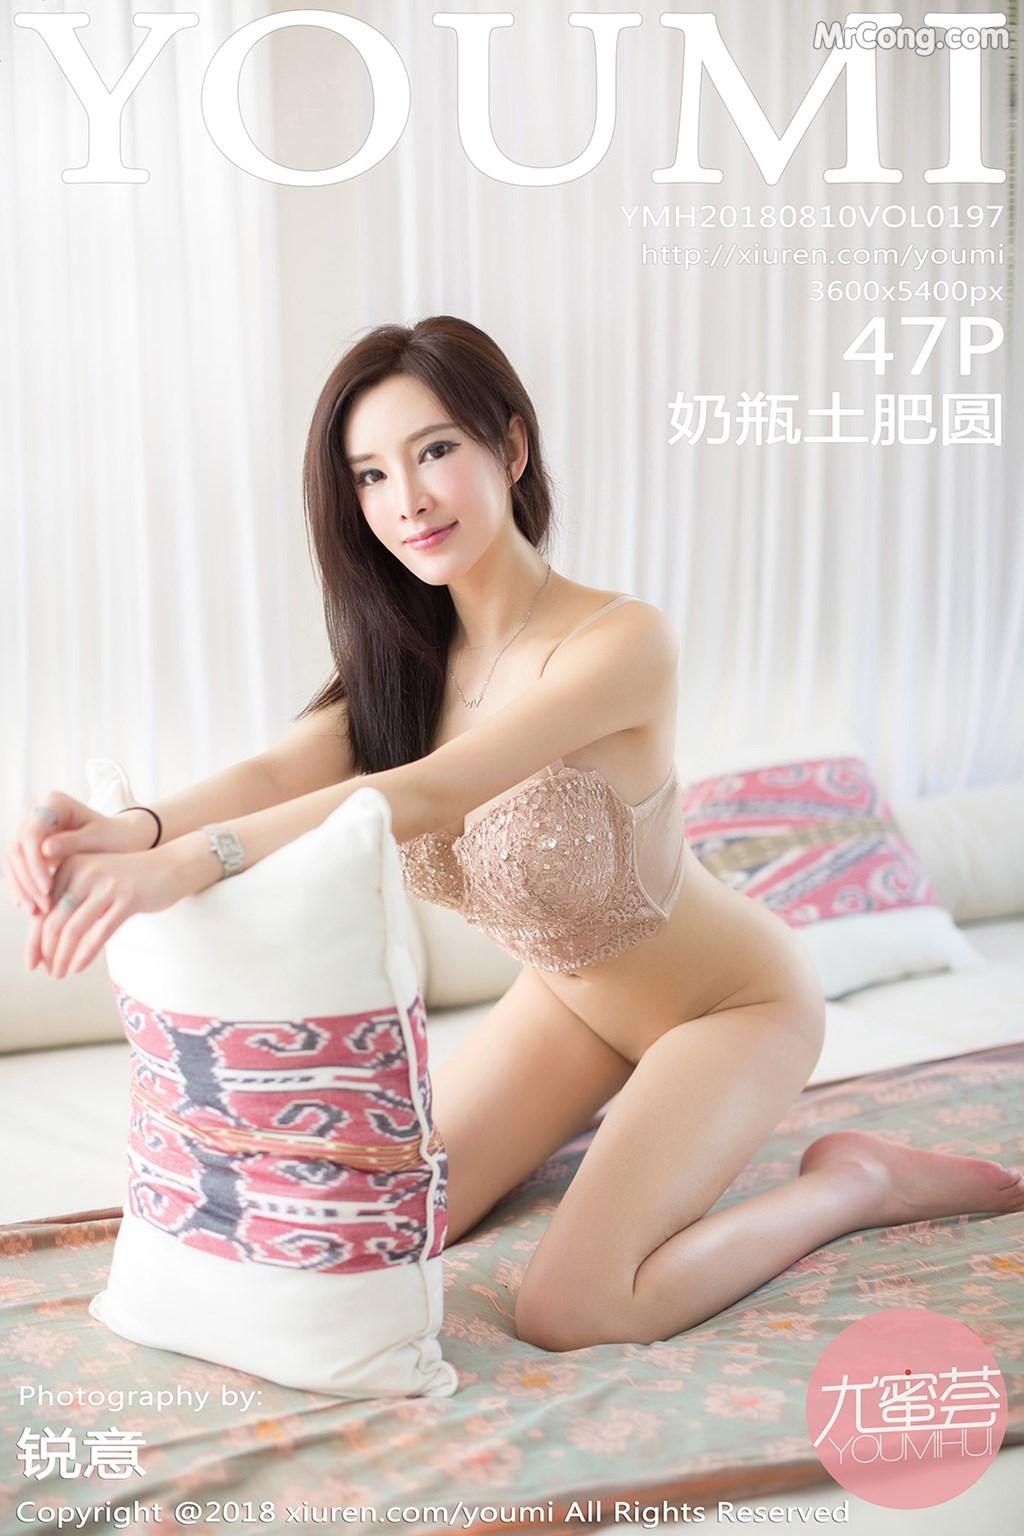 YouMi Vol.197: Người mẫu 奶瓶土肥圆 (48 ảnh)